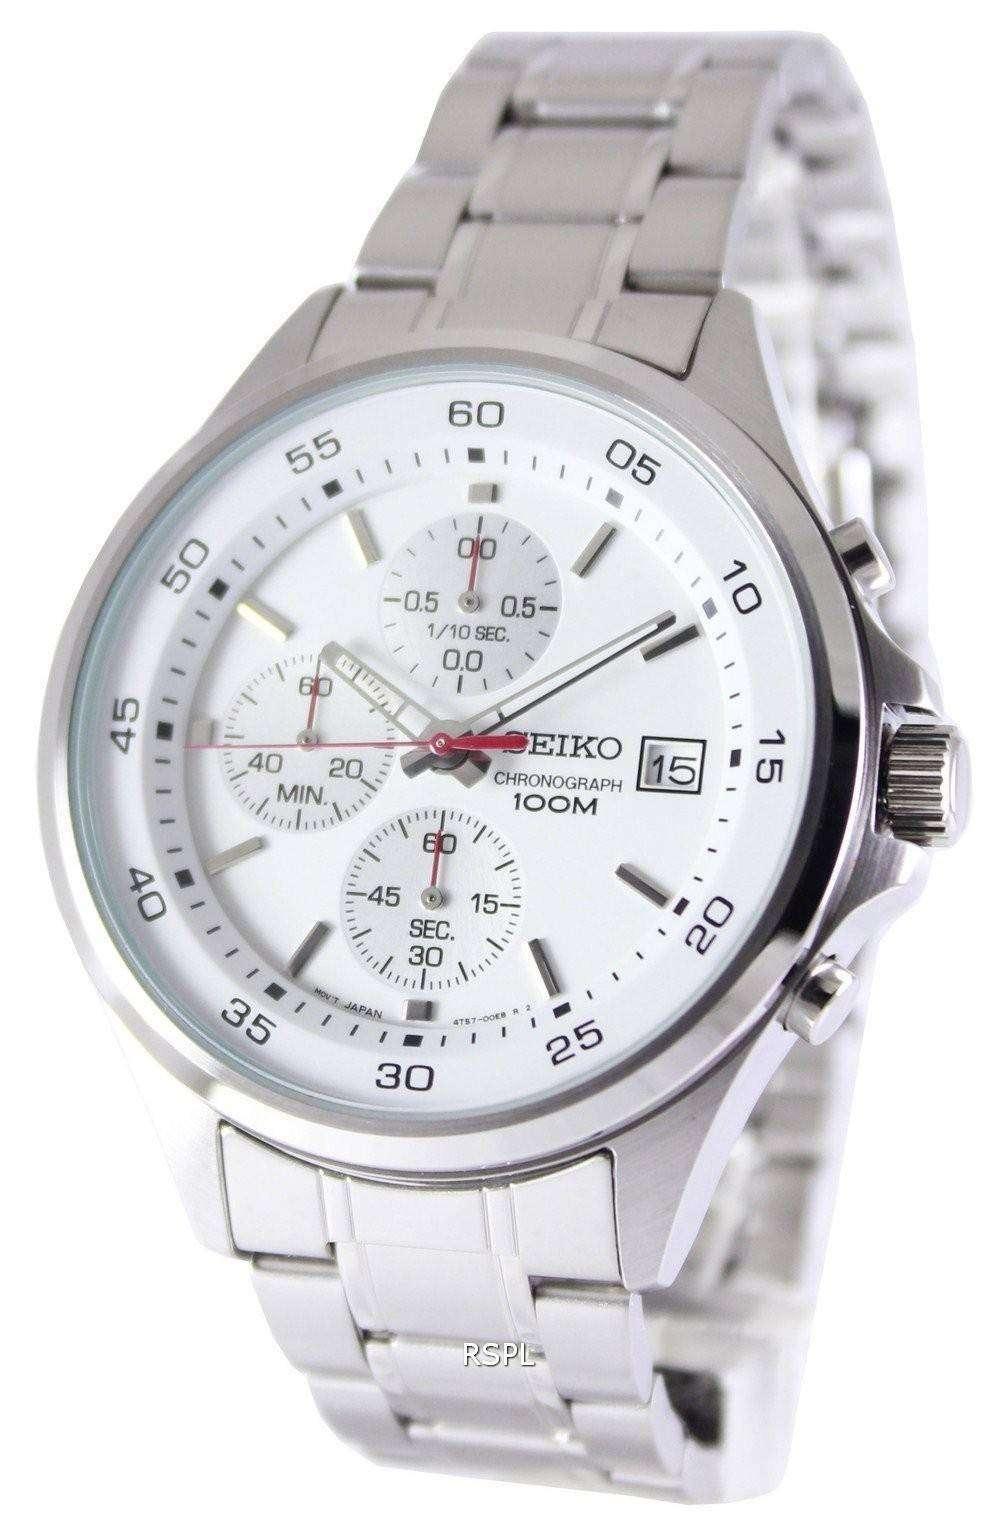 4b3ef8a24 Seiko Chronograph Quartz 100M SKS473P1 SKS473P Mens Watch ...